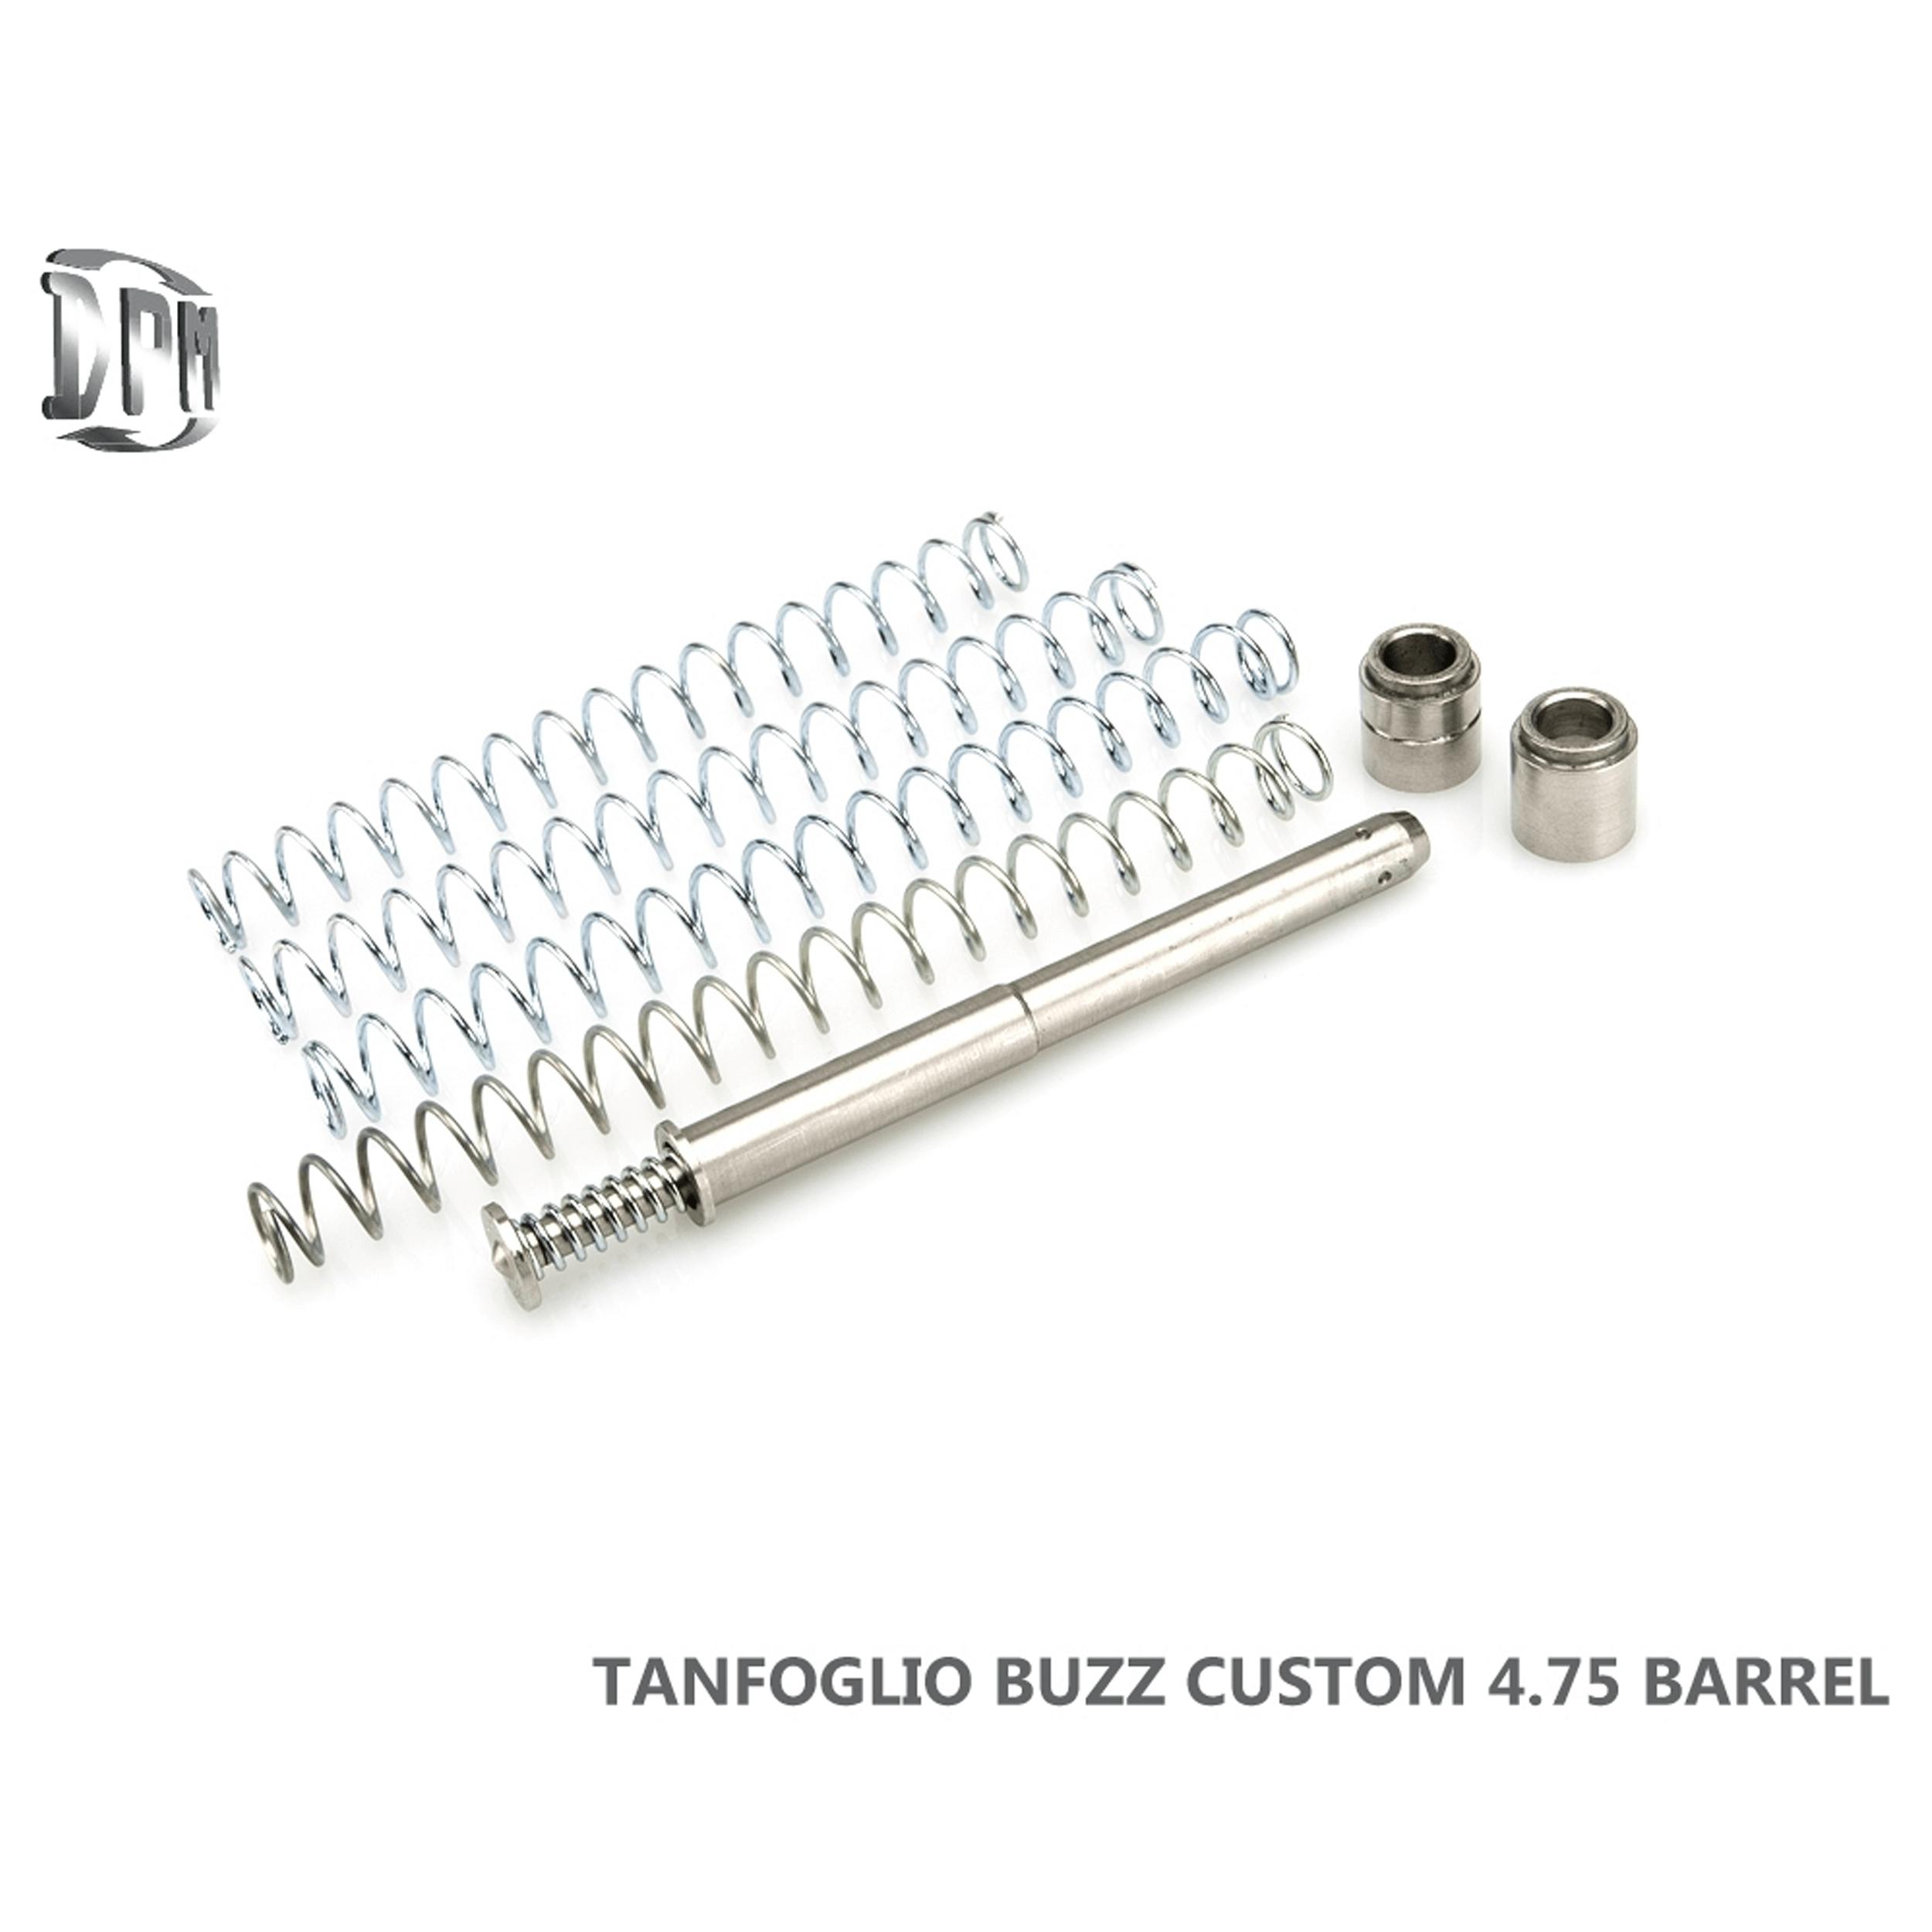 Tanfoglio Buzz Custom 4.75